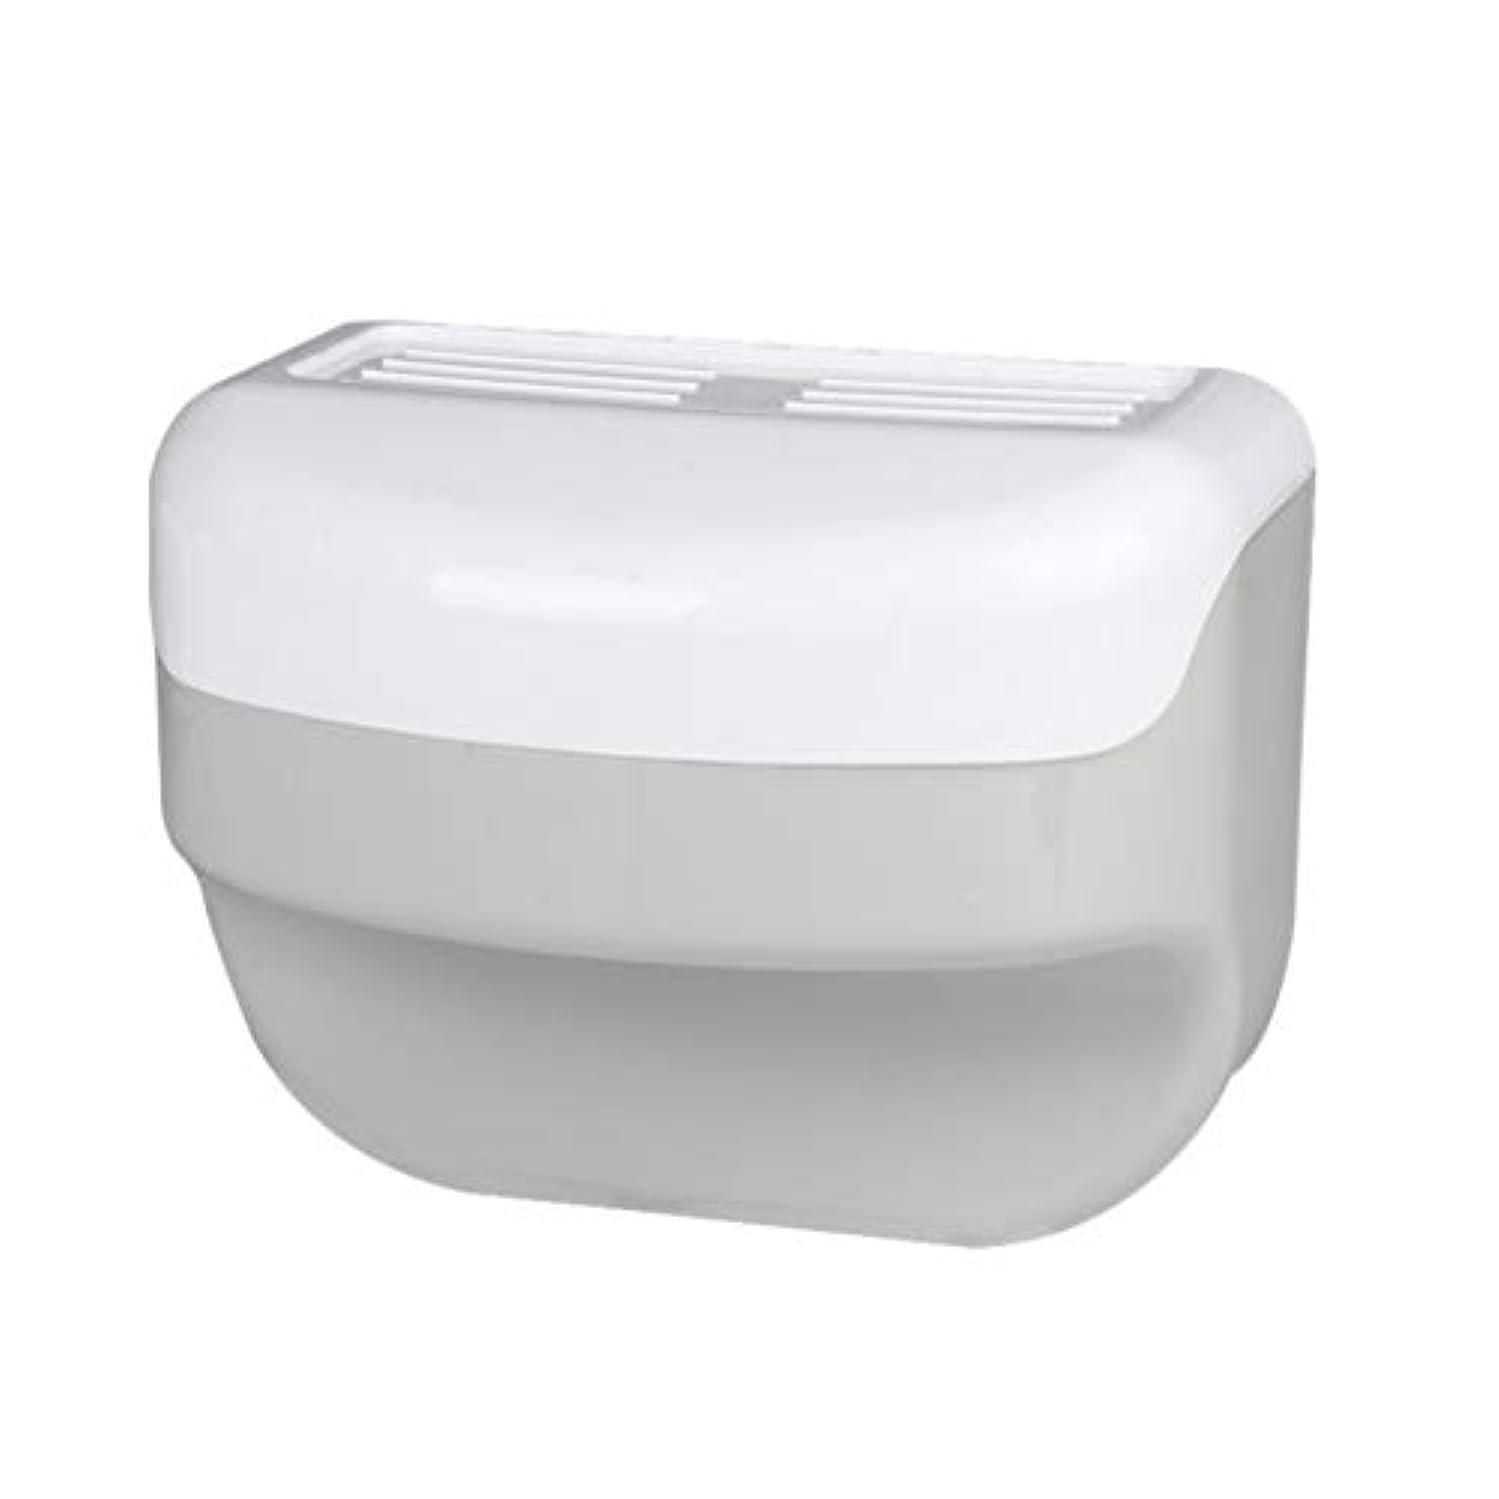 信じられない効率的発火するTOPBATHY 浴室トイレティッシュボックスラック壁吸盤ロールホルダーフリー掘削ネイルフリーティッシュボックス